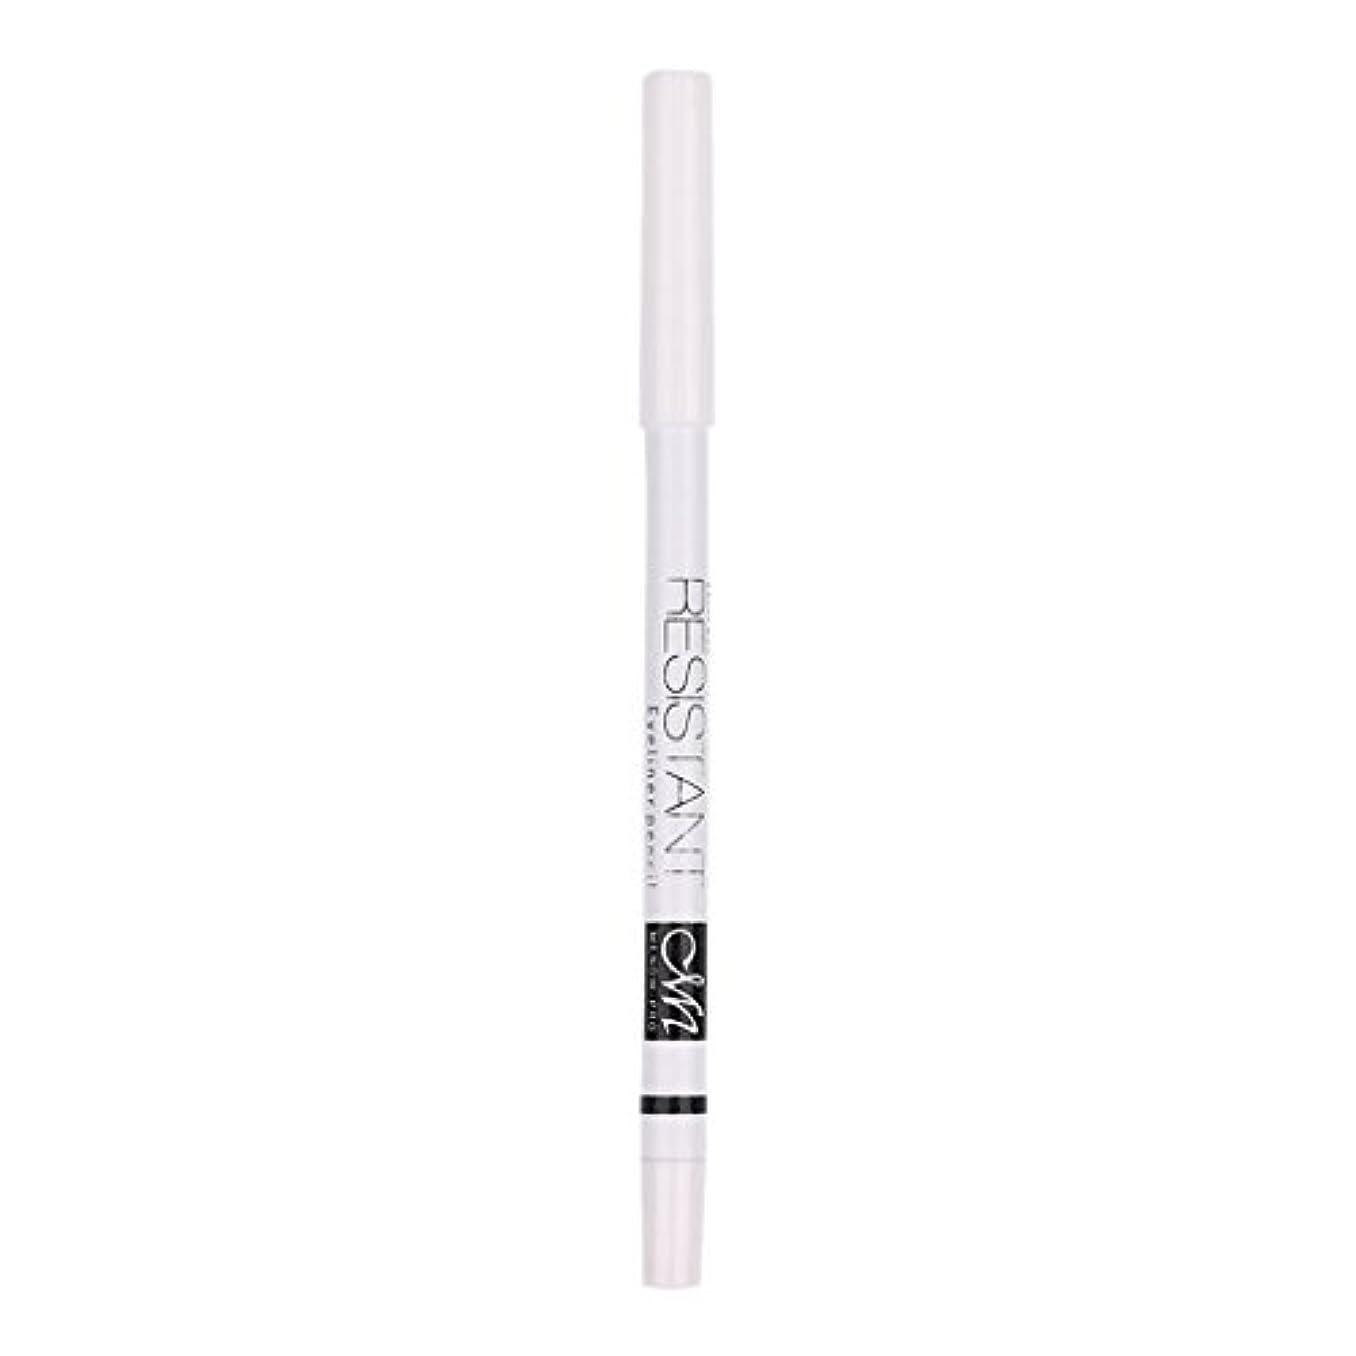 地震食欲チョーク美しい ハイライトスティック 粉 クリームペン 防水 顔 基礎 メイクアップ スティック ファッション おしゃれ